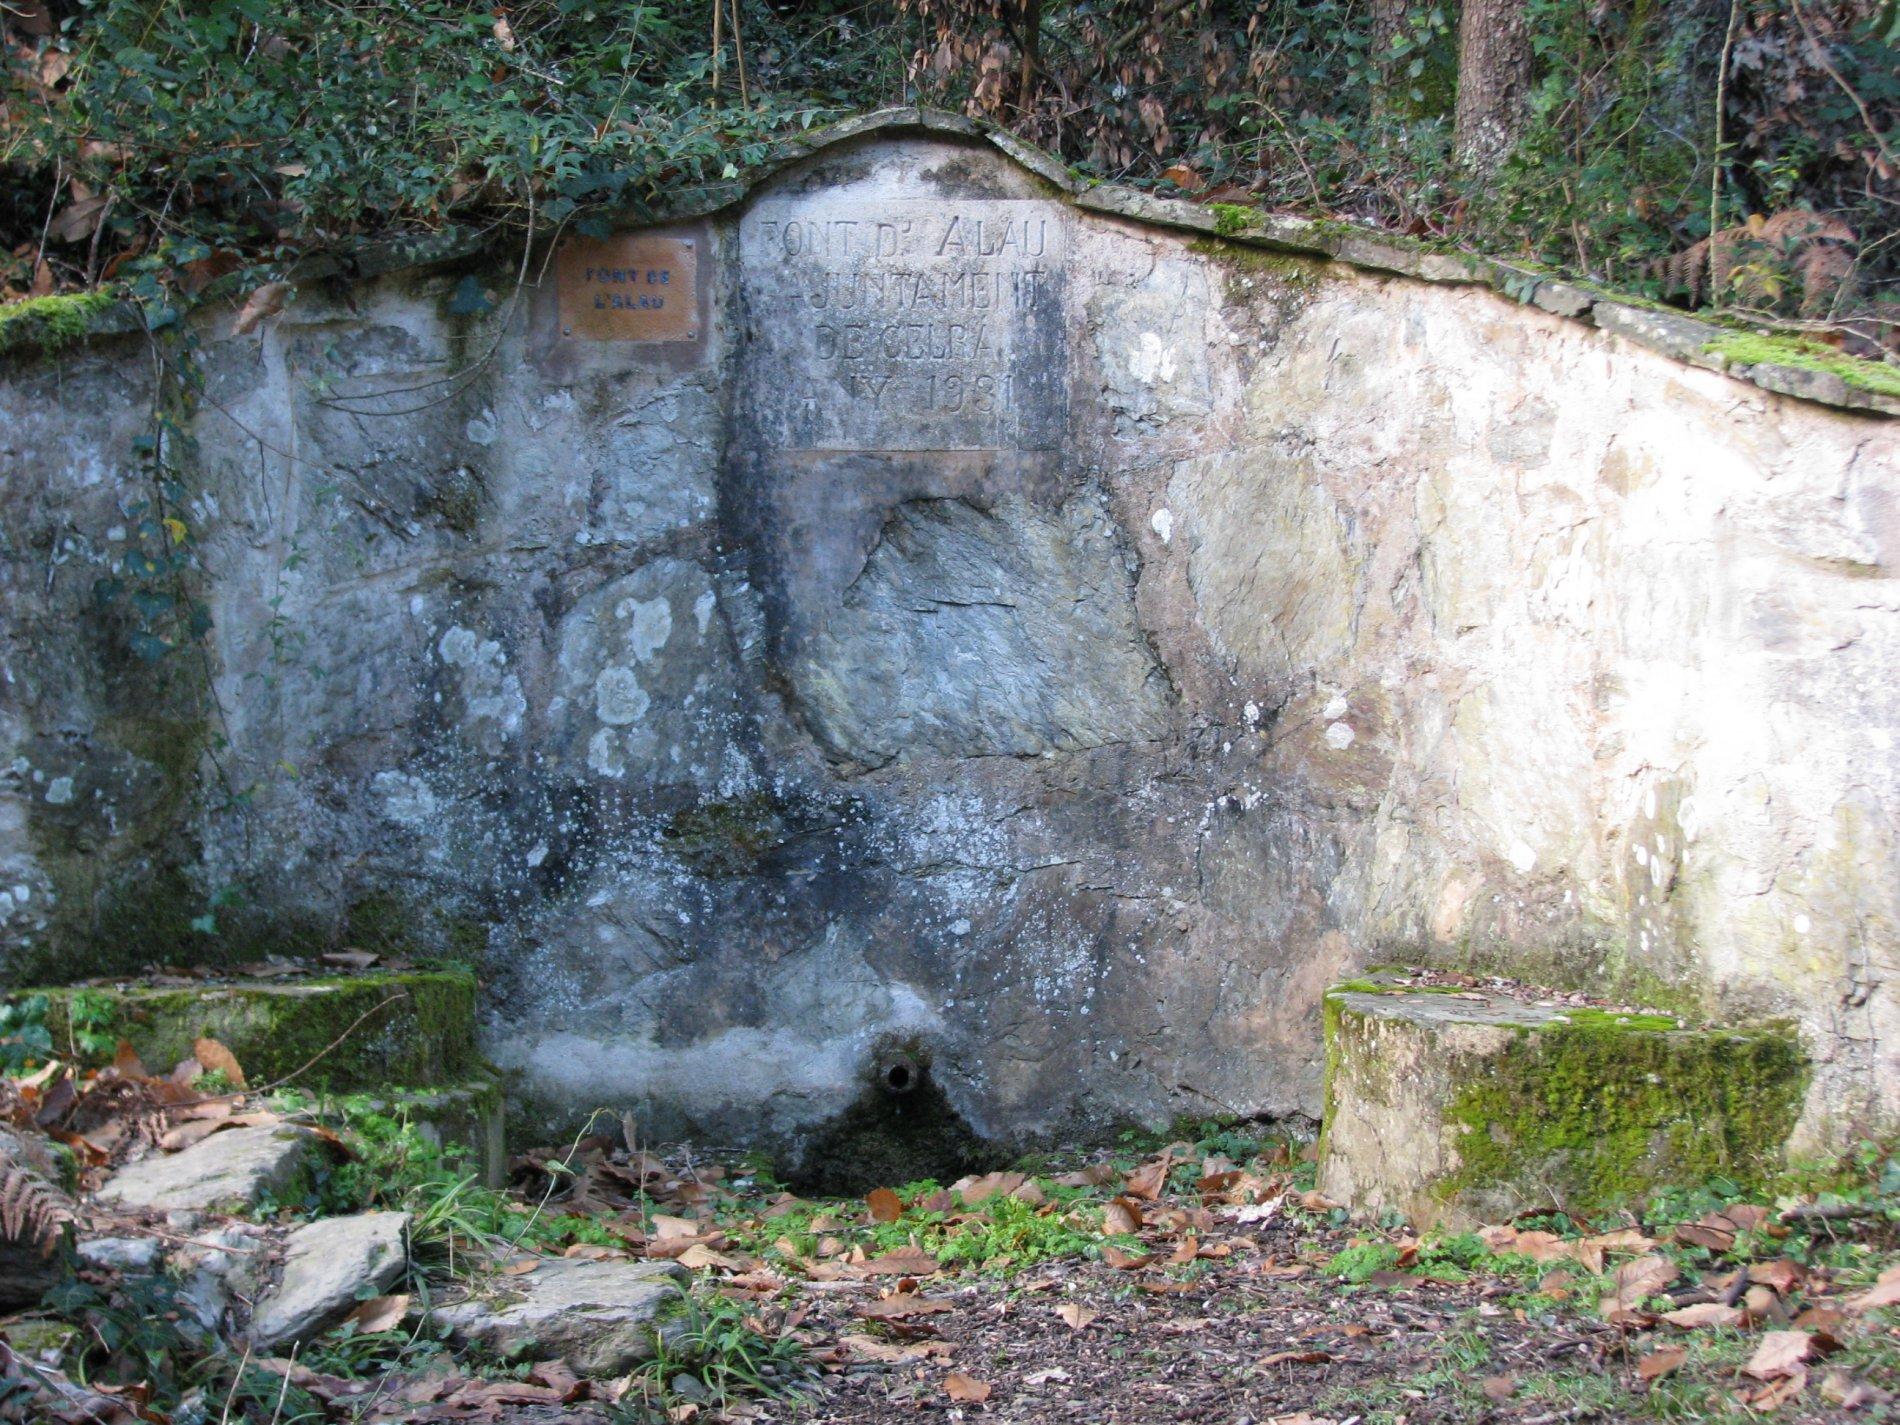 La font de l'Alau és una font de broc amb un frontal de pedra arrebosat i coronat amb llècols. A cada costat del broc es situen dos petits bancs el que denota l'ús públic de la font. Les molses i el verdet del seu voltant ens transmeten l'àmbient humit de la font.